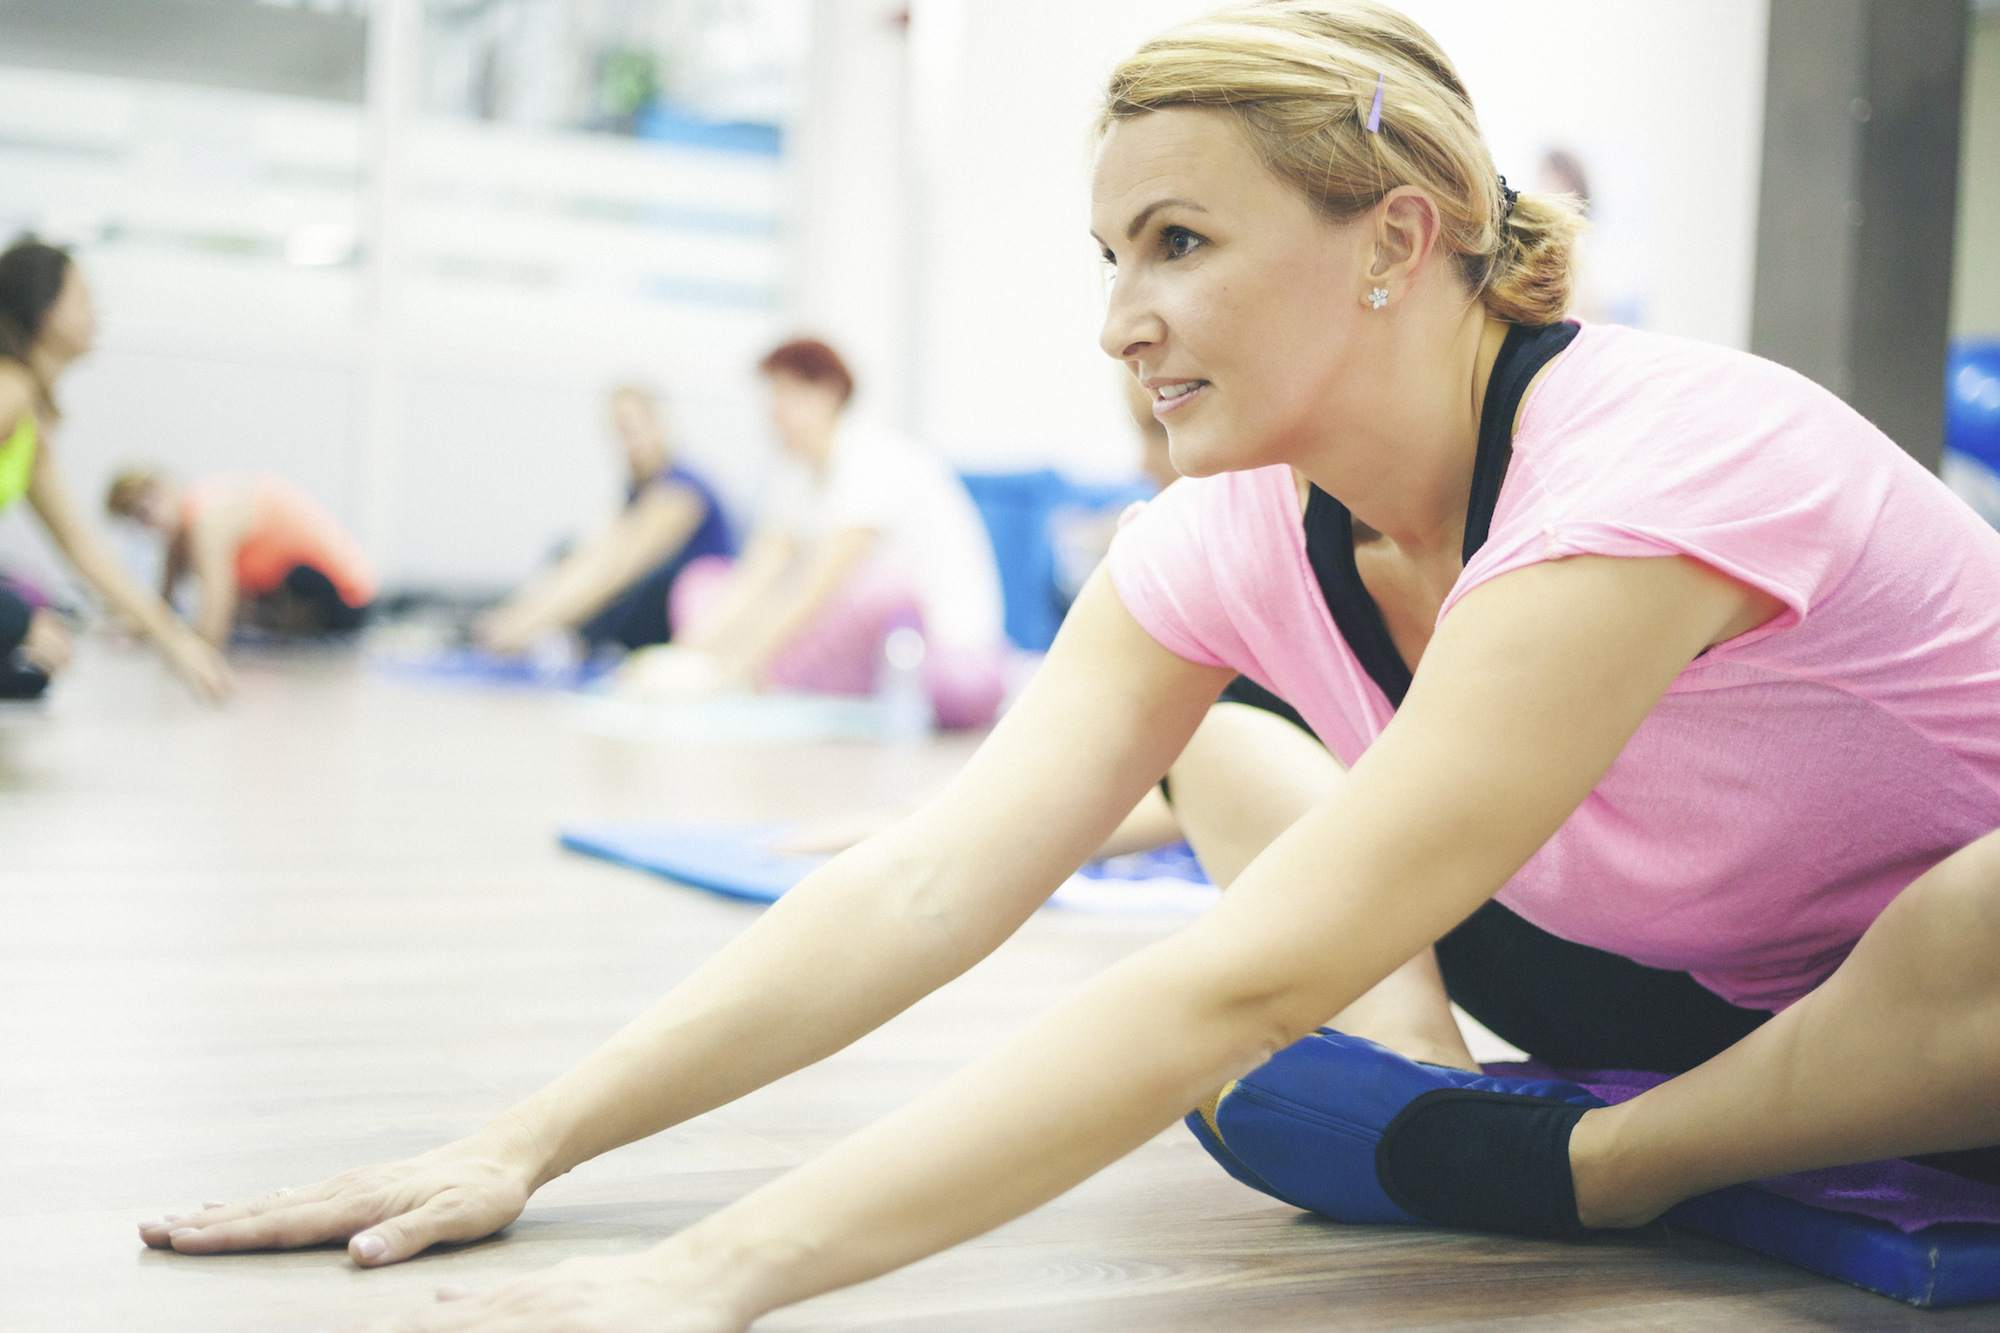 Hermosa mujer adulta ejercicio de pilates